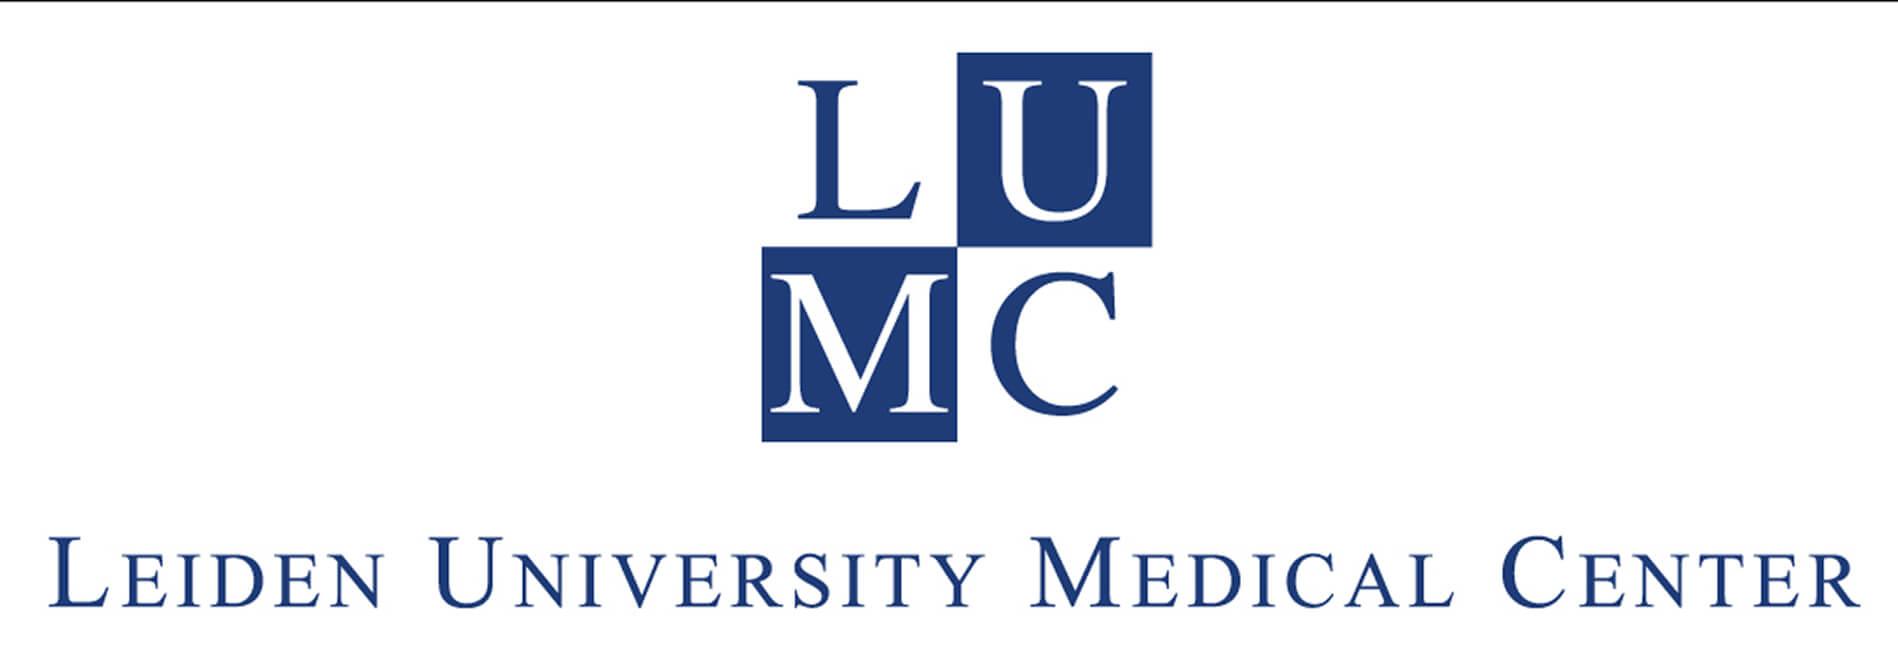 LUMC_Logo